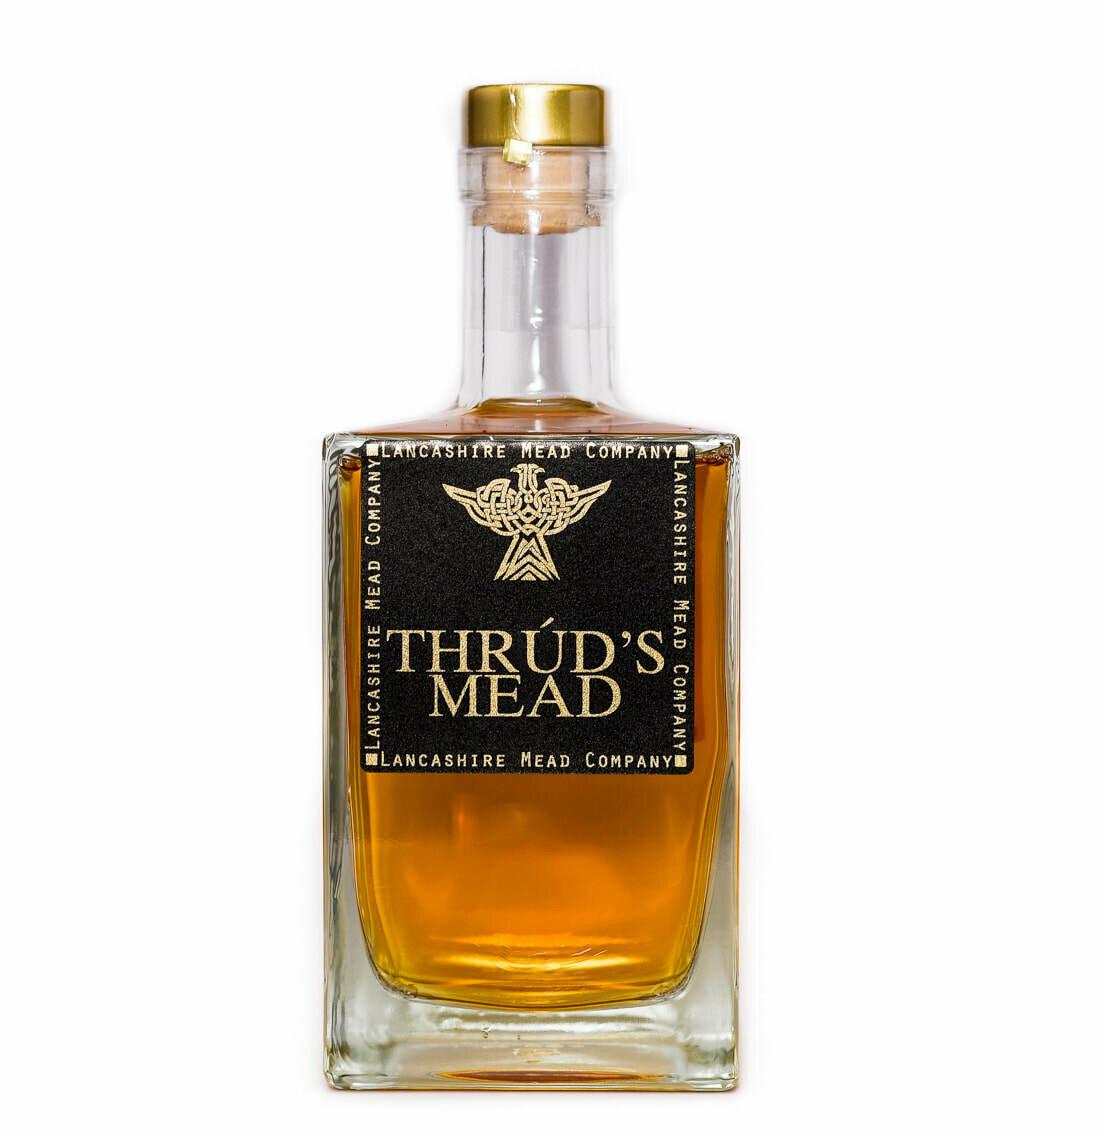 Lancashire Mead Co Thrúd's Mead